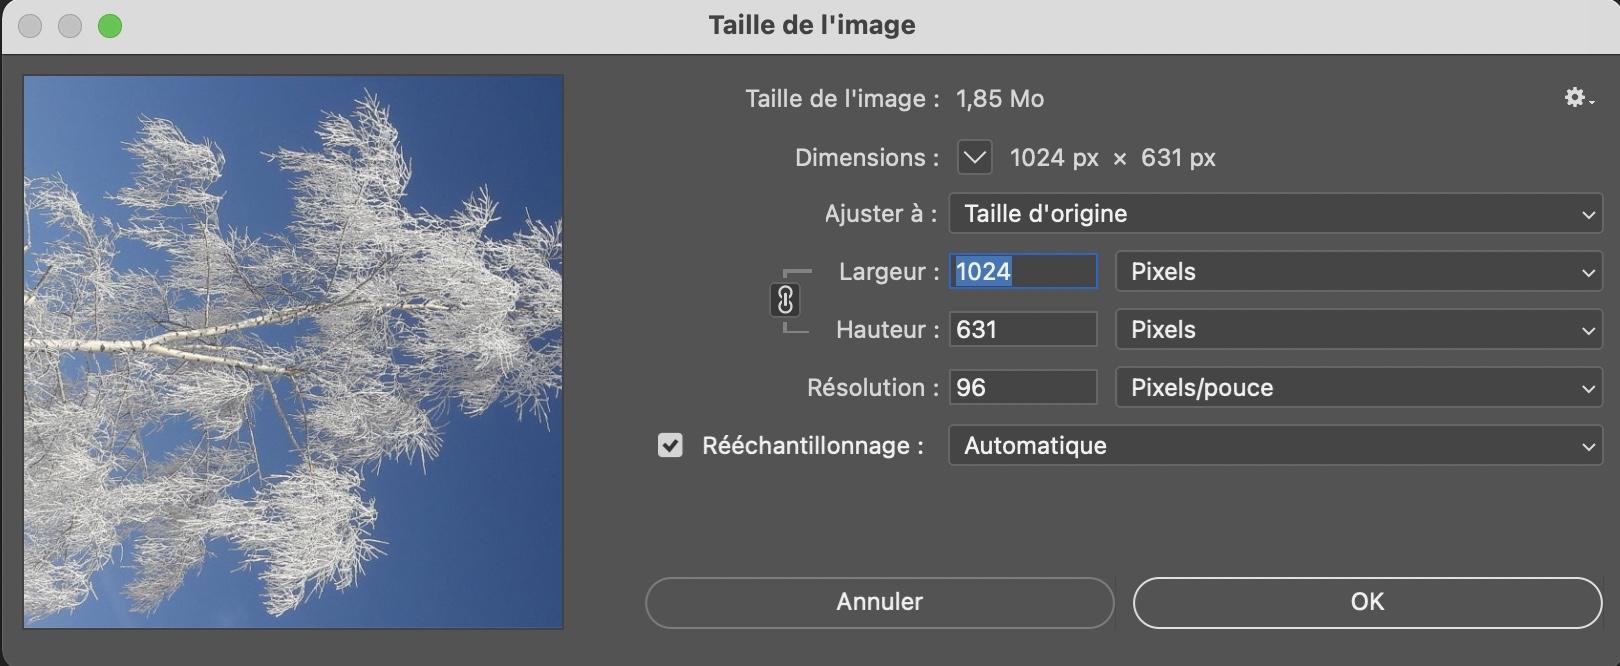 Orientation des images postées (portrait/paysage) Captur15